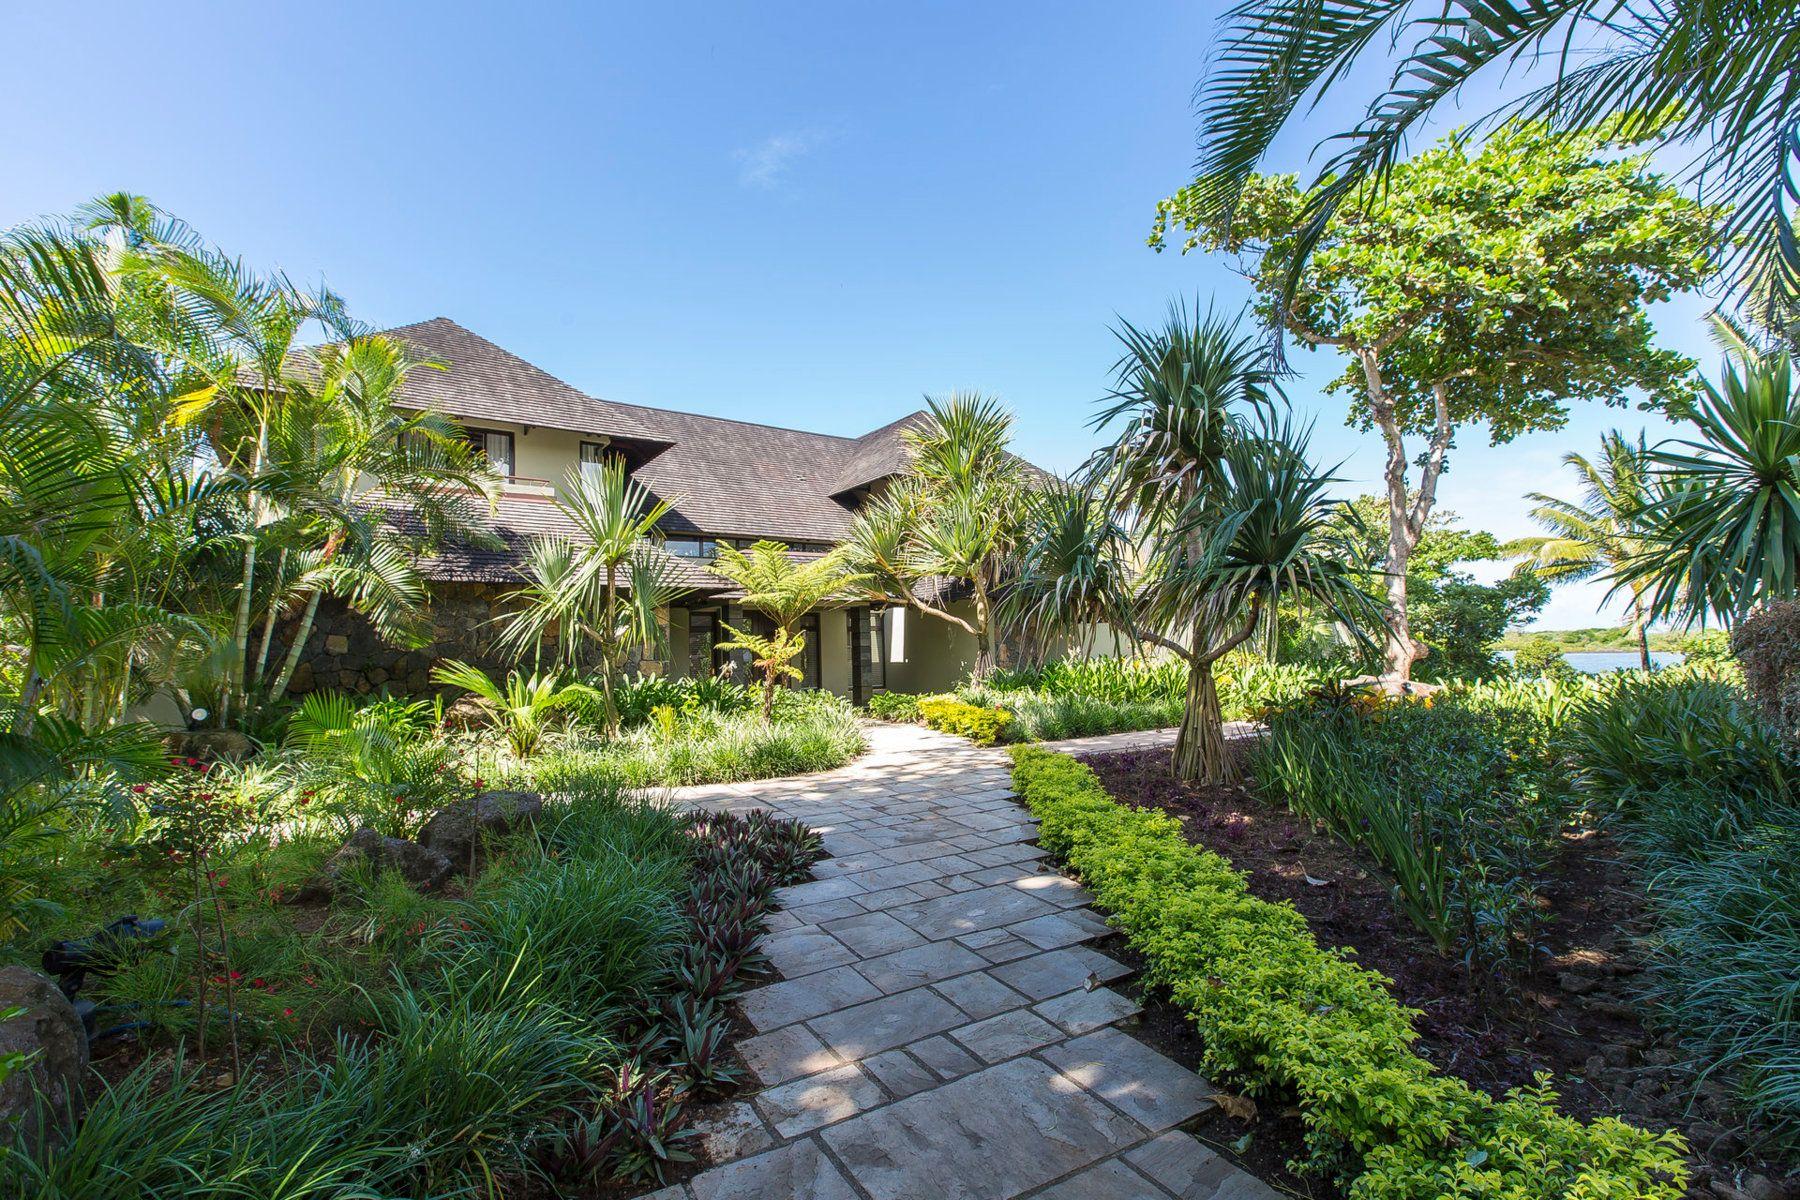 Maison à vendre 6 4039m2 à Ile Maurice vignette-39